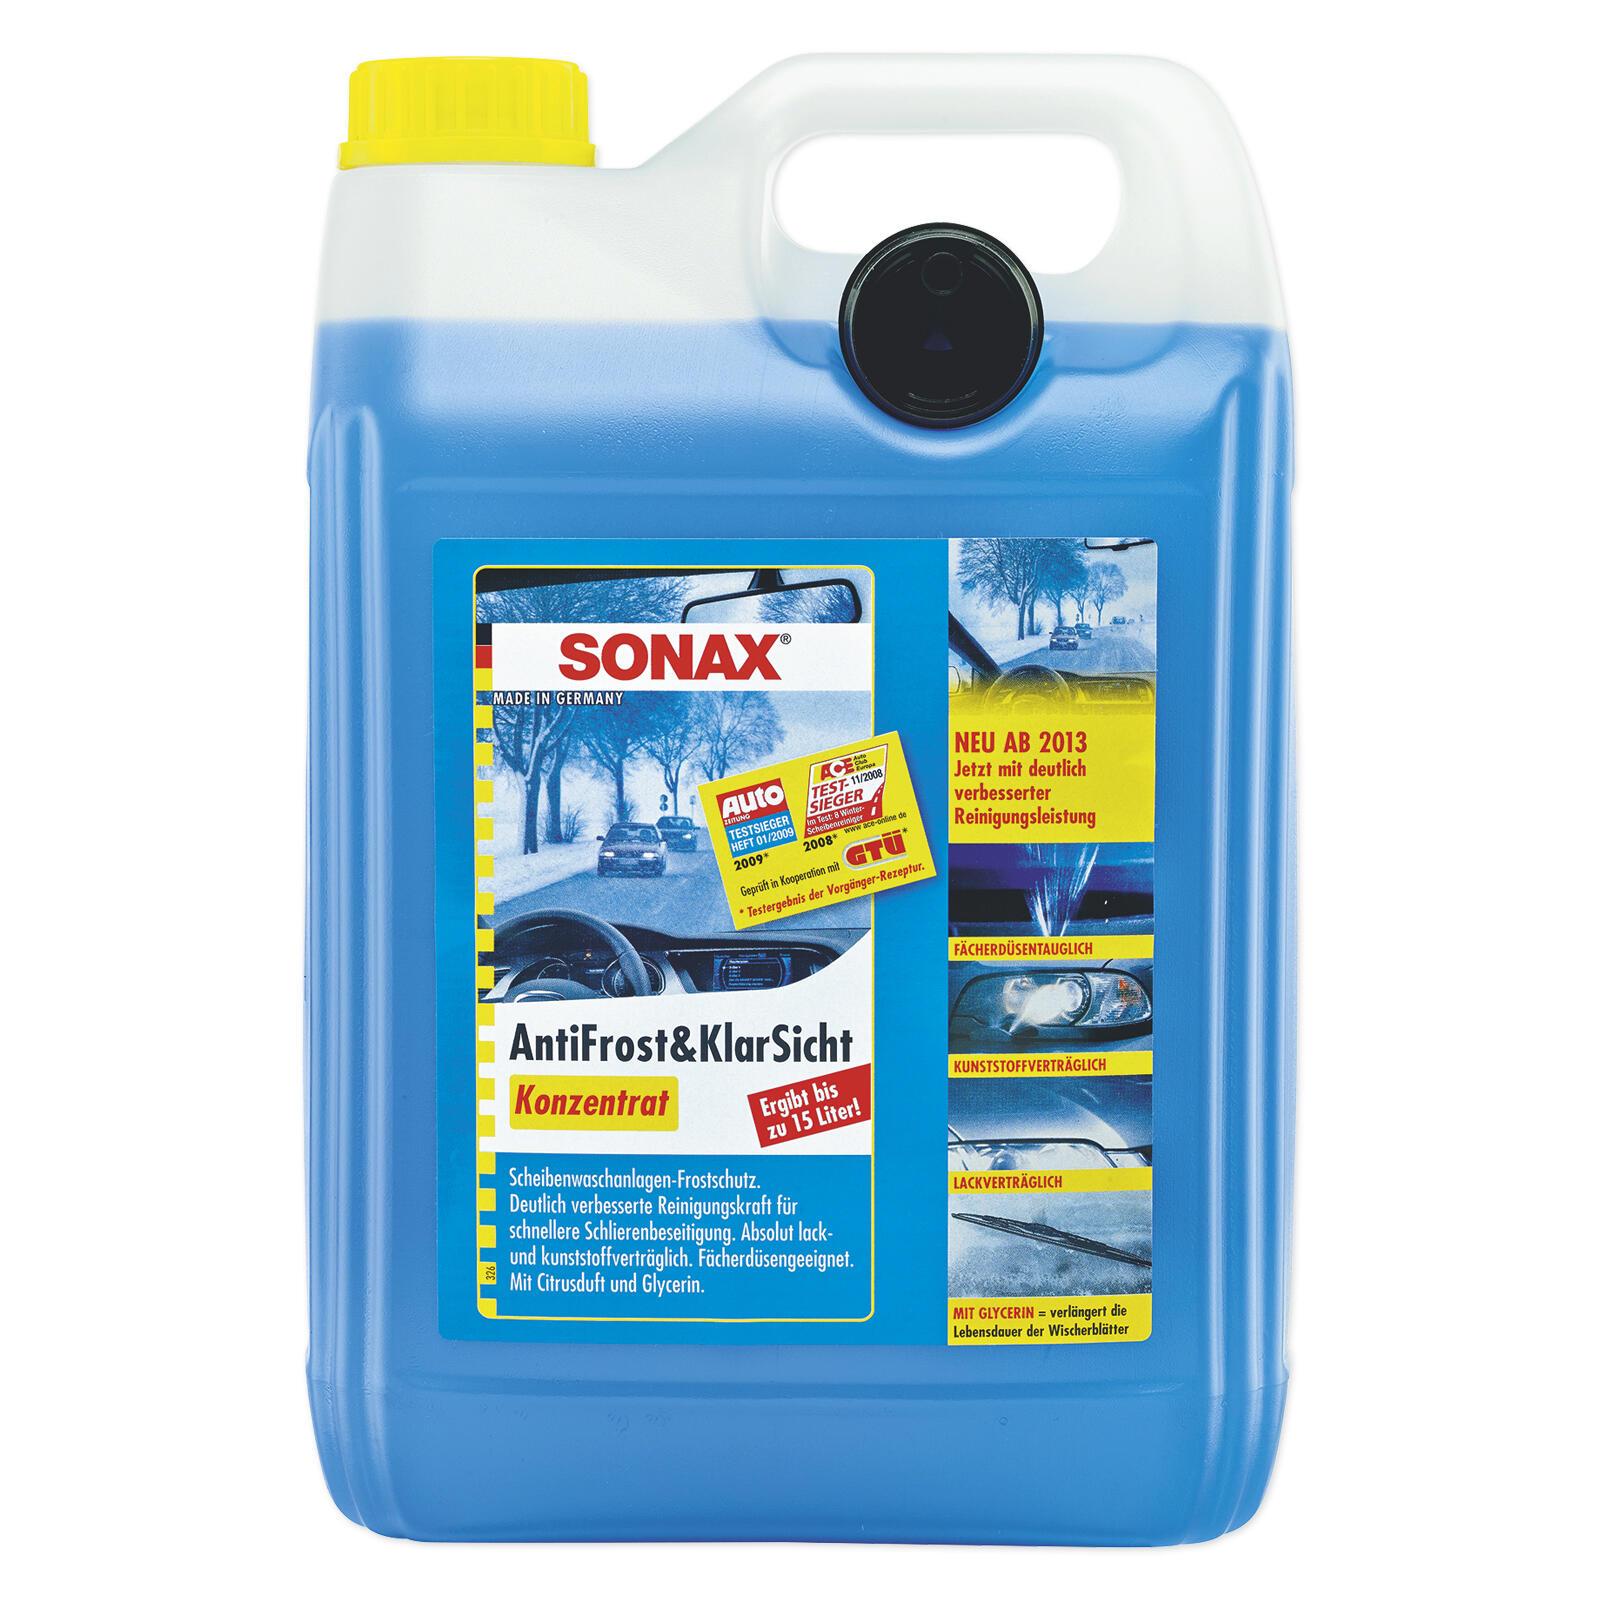 SONAX AntiFrost&KlarSicht Konzentrat 5l